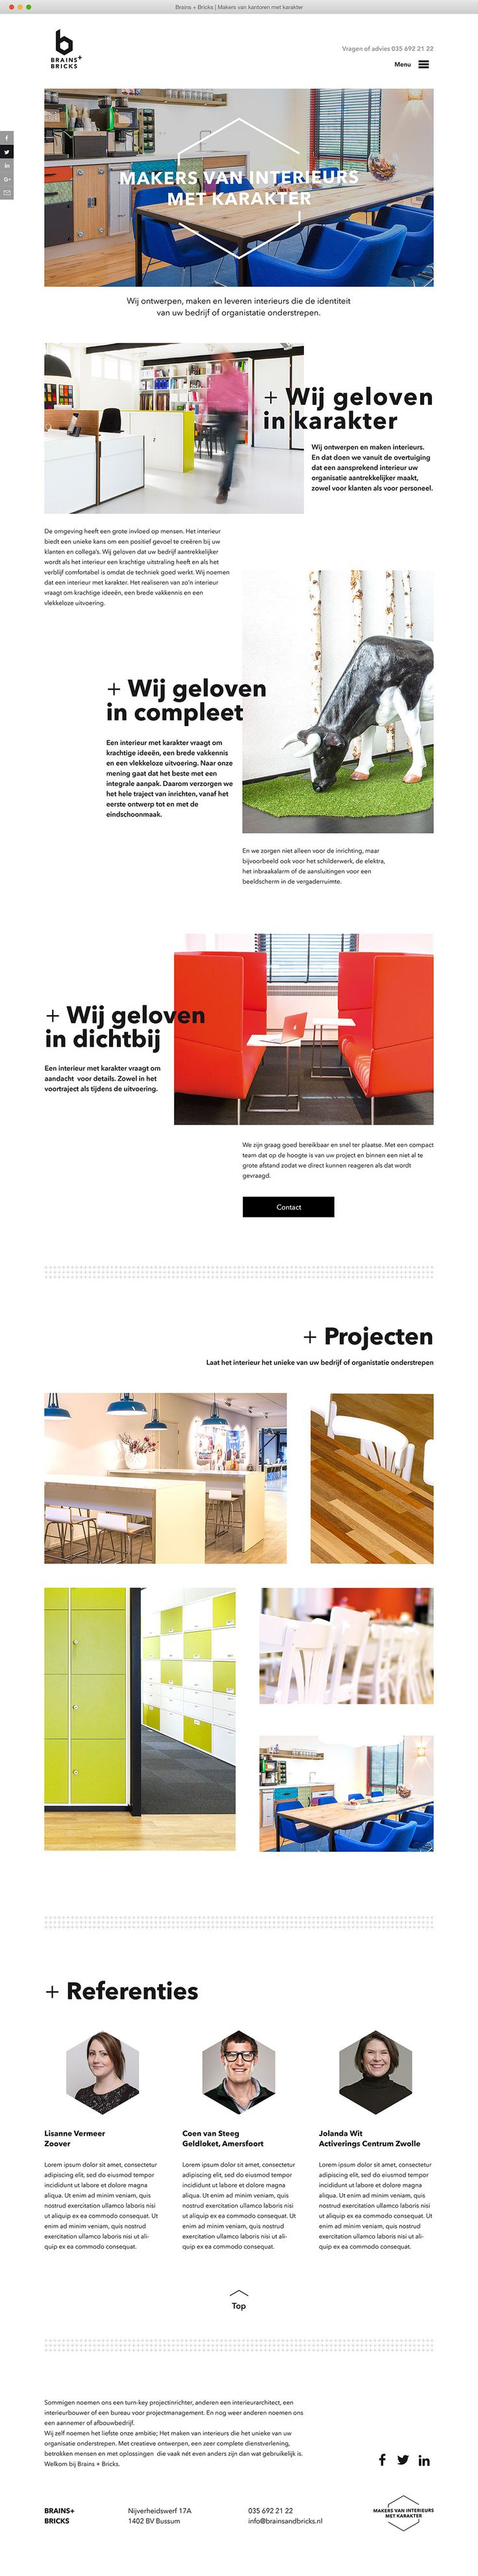 Minimalistische website ontwerp Brains + Bricks. Ontwerp grafisch ontwerpbureau Designkwartier ©2016 #webdesign #website #minimal #white #black #website #web #responsive #architect #dutch #hamburgermenu #portfolio #projects #typo #designkwartier